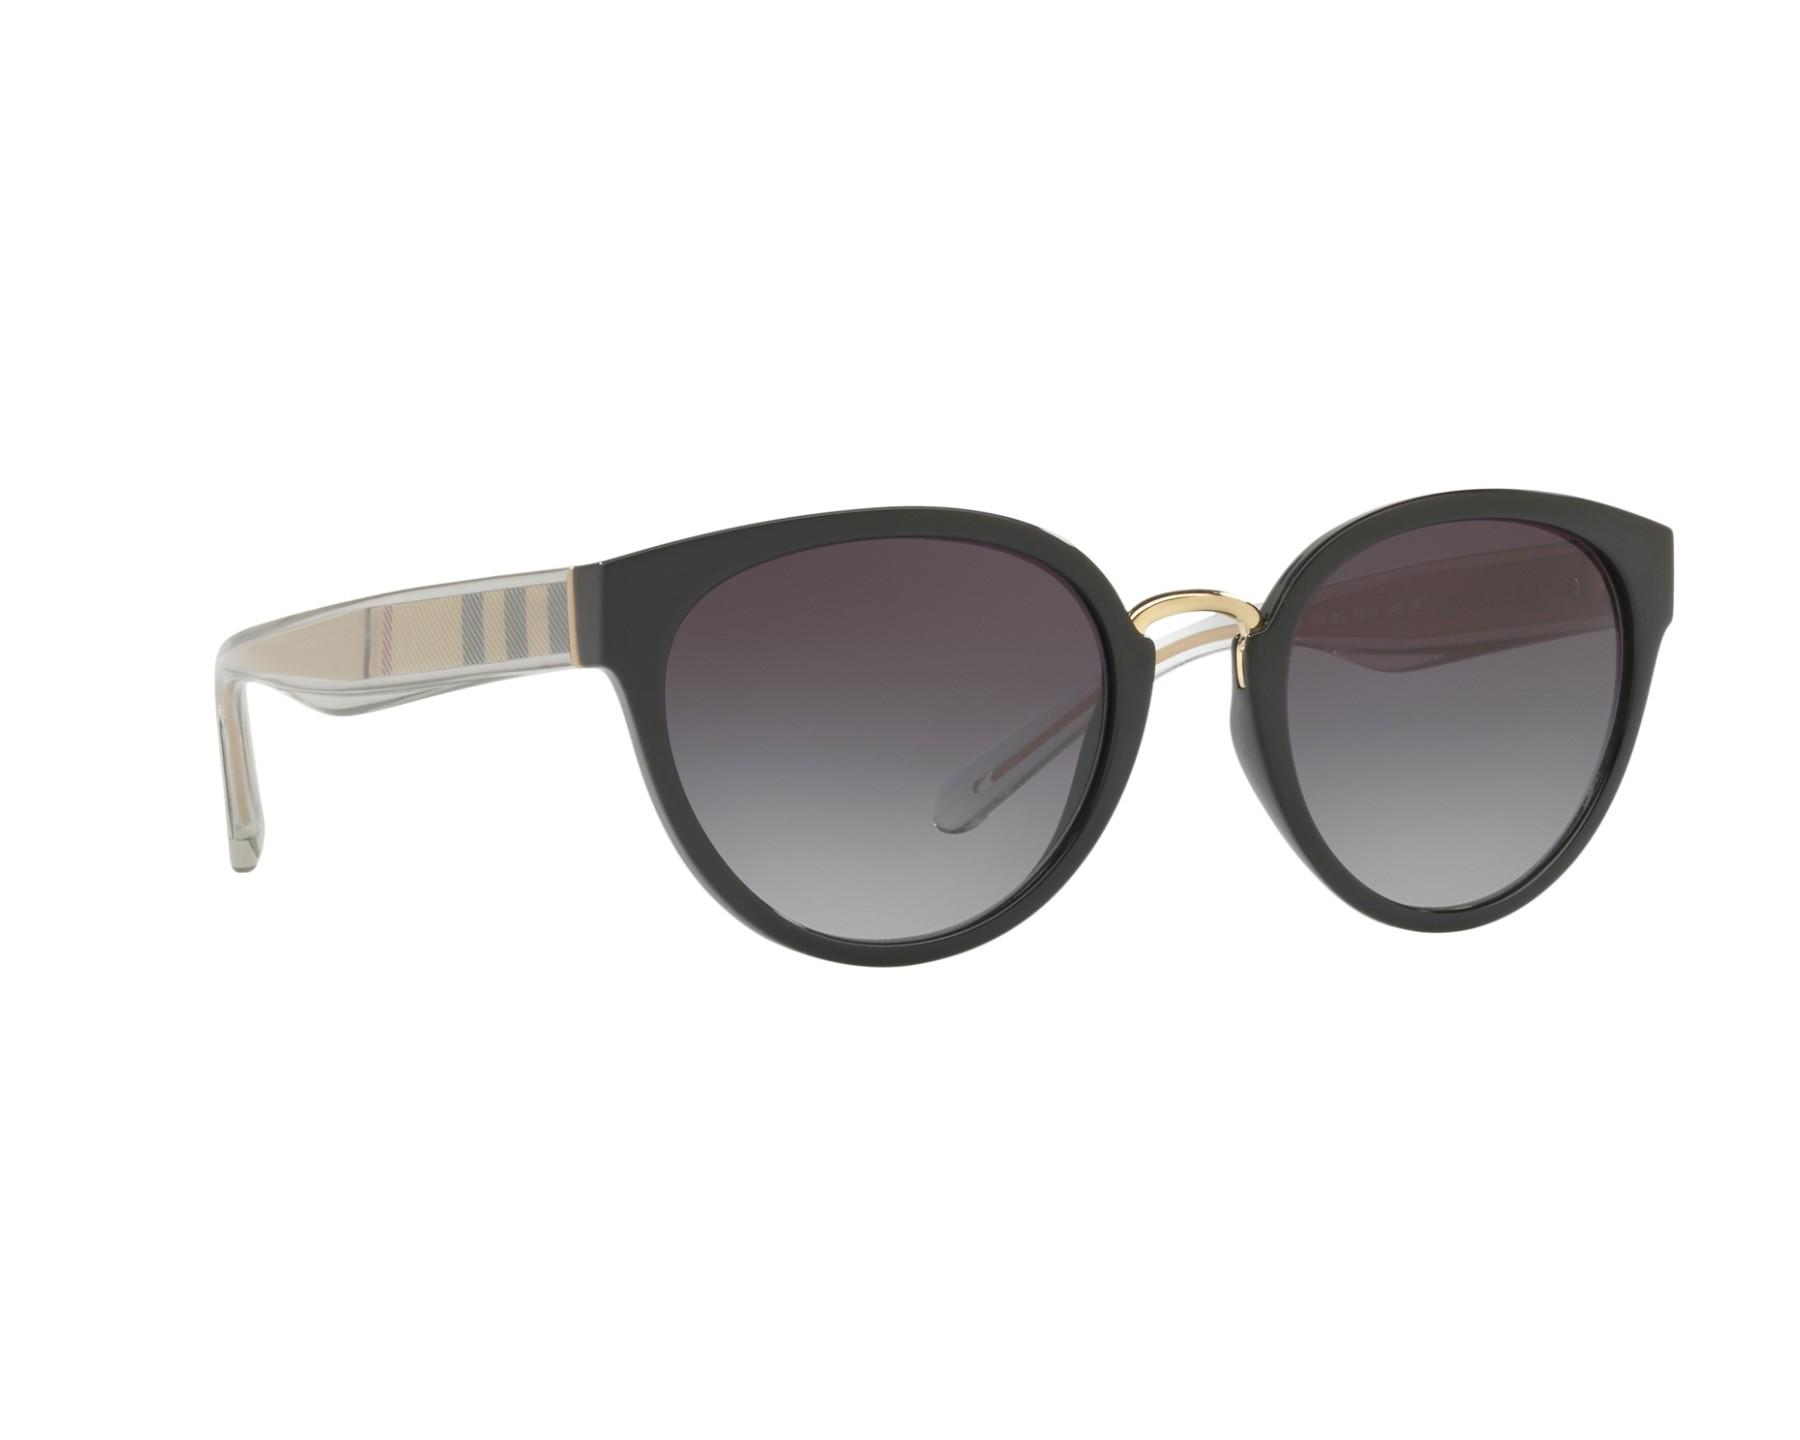 e53a551e62a Sunglasses Burberry BE-4249 30018G 53-21 Black Gold 360 degree view 12